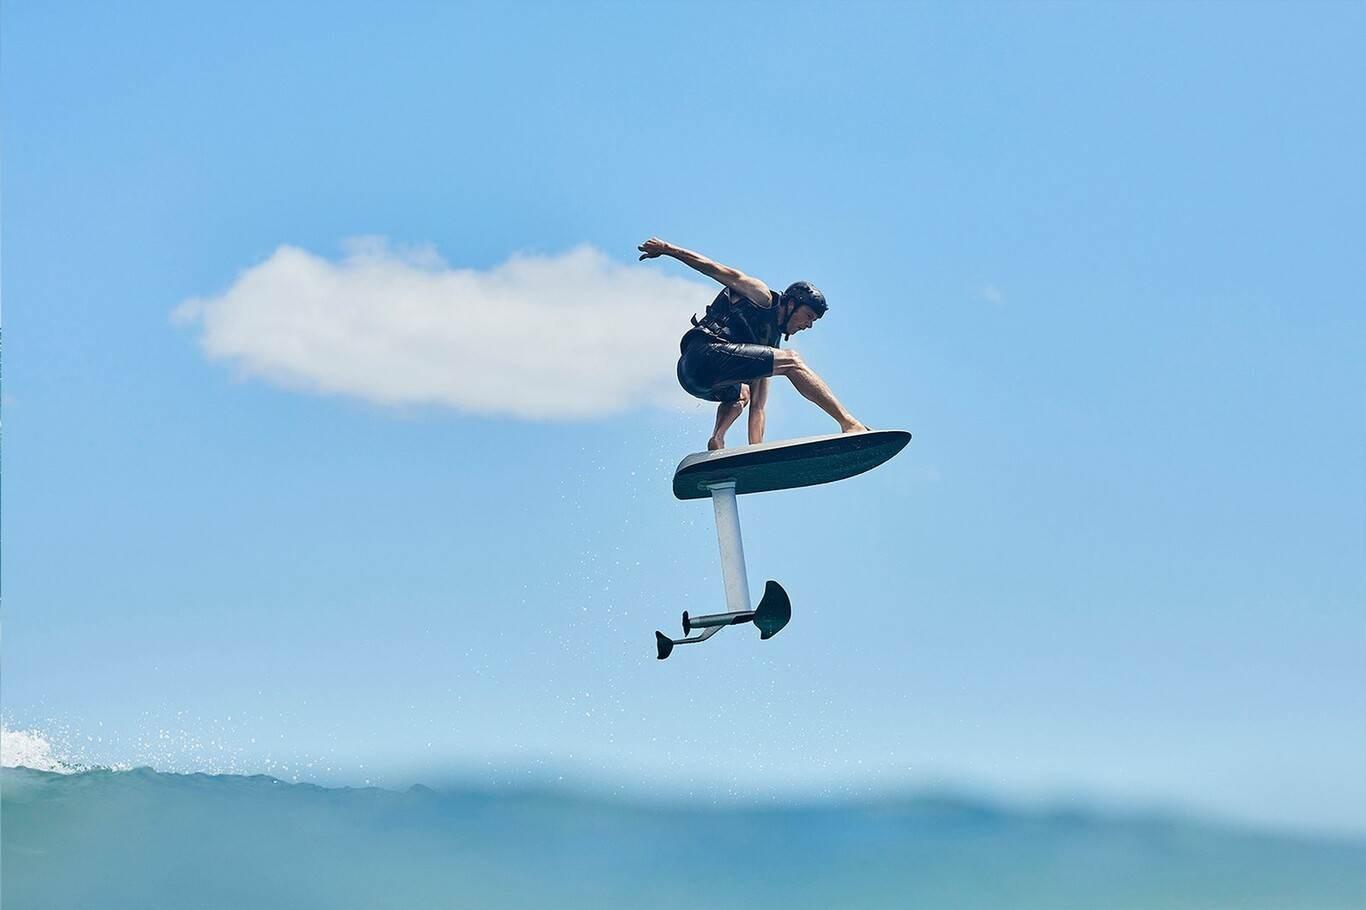 Fliteboard eléctrica: la tabla de surf con mando a distancia